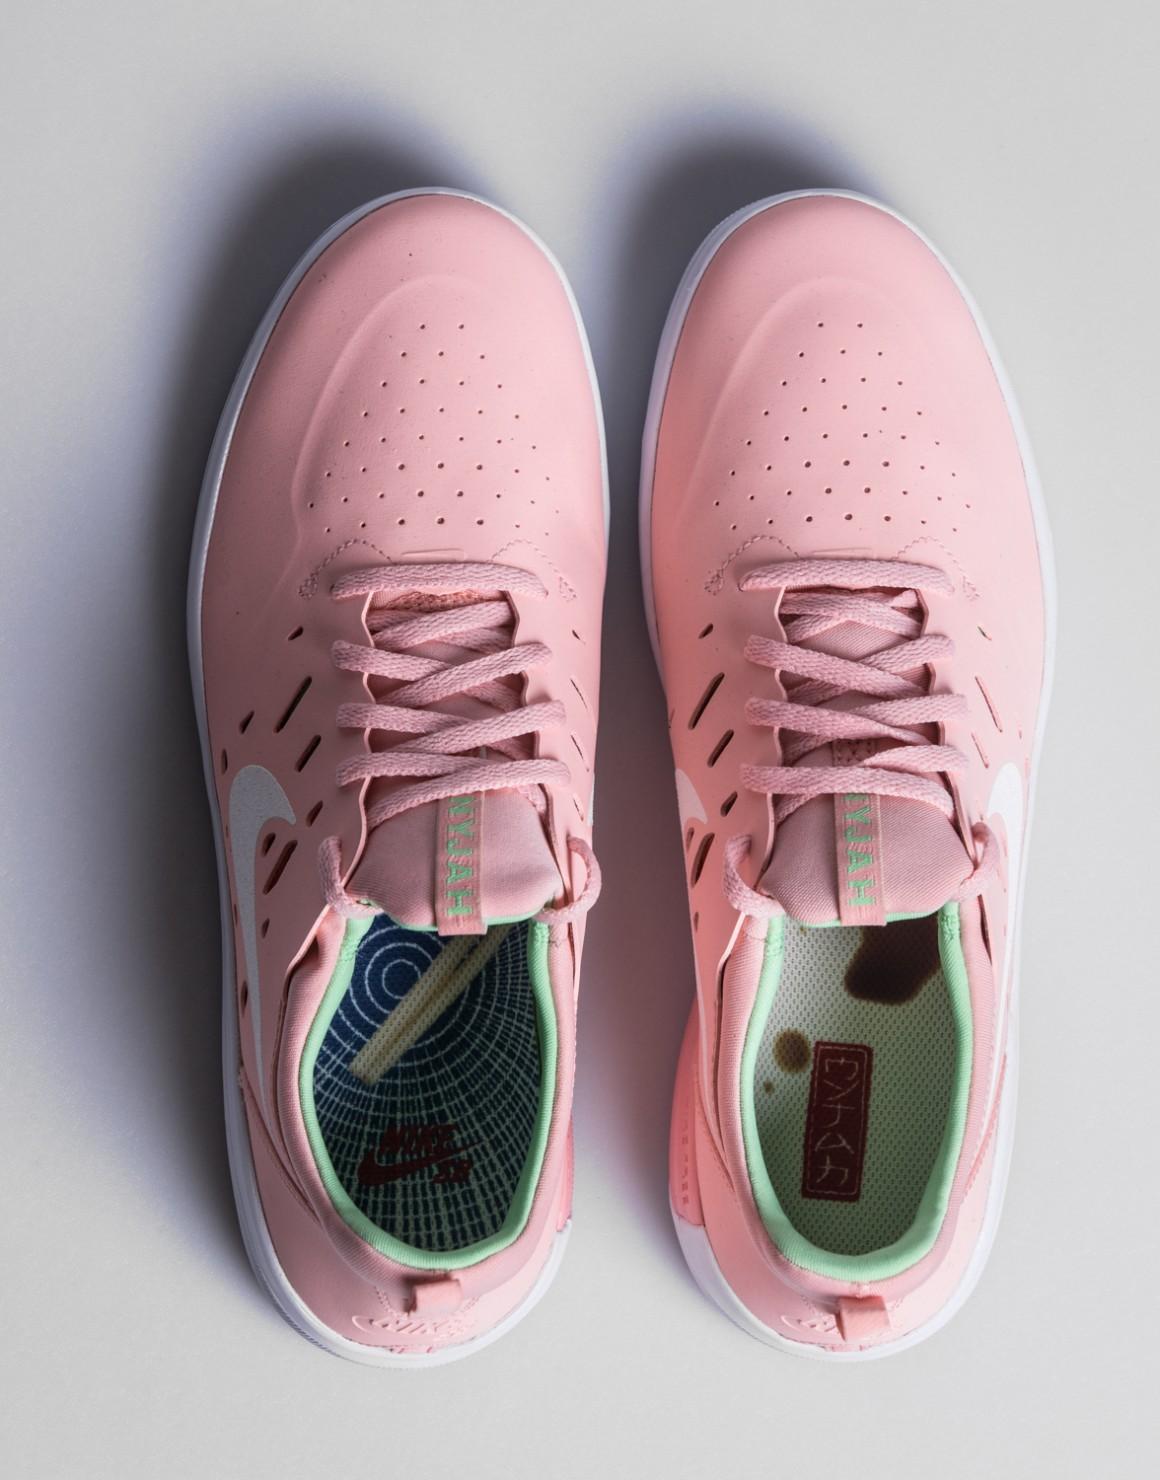 Nike SB Nyjah Free - Pricematch at